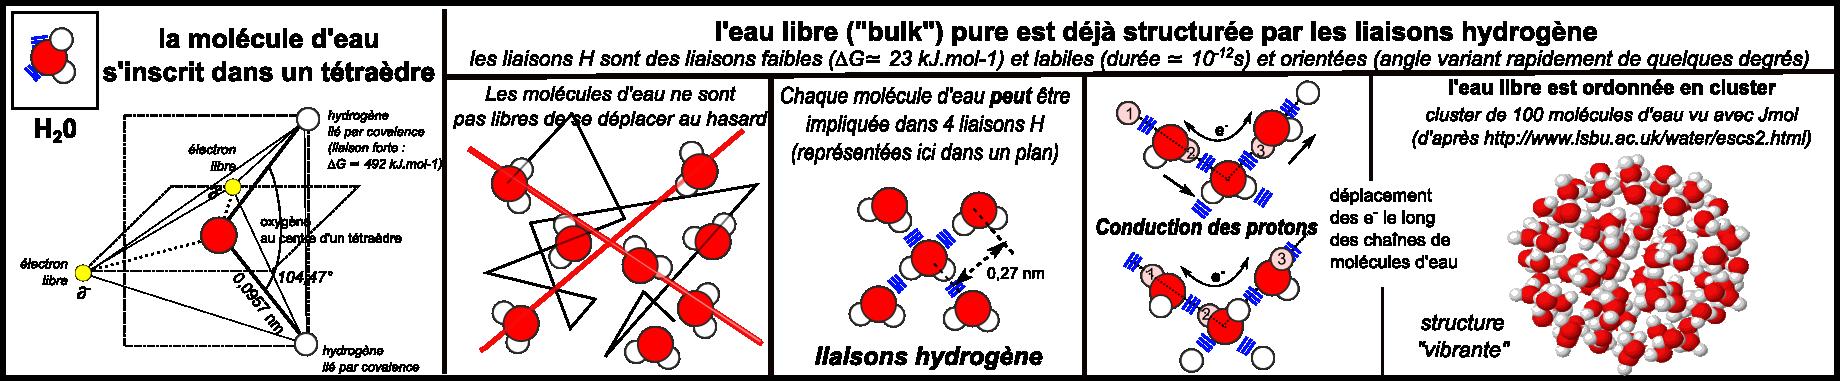 masse d une molecule d eau